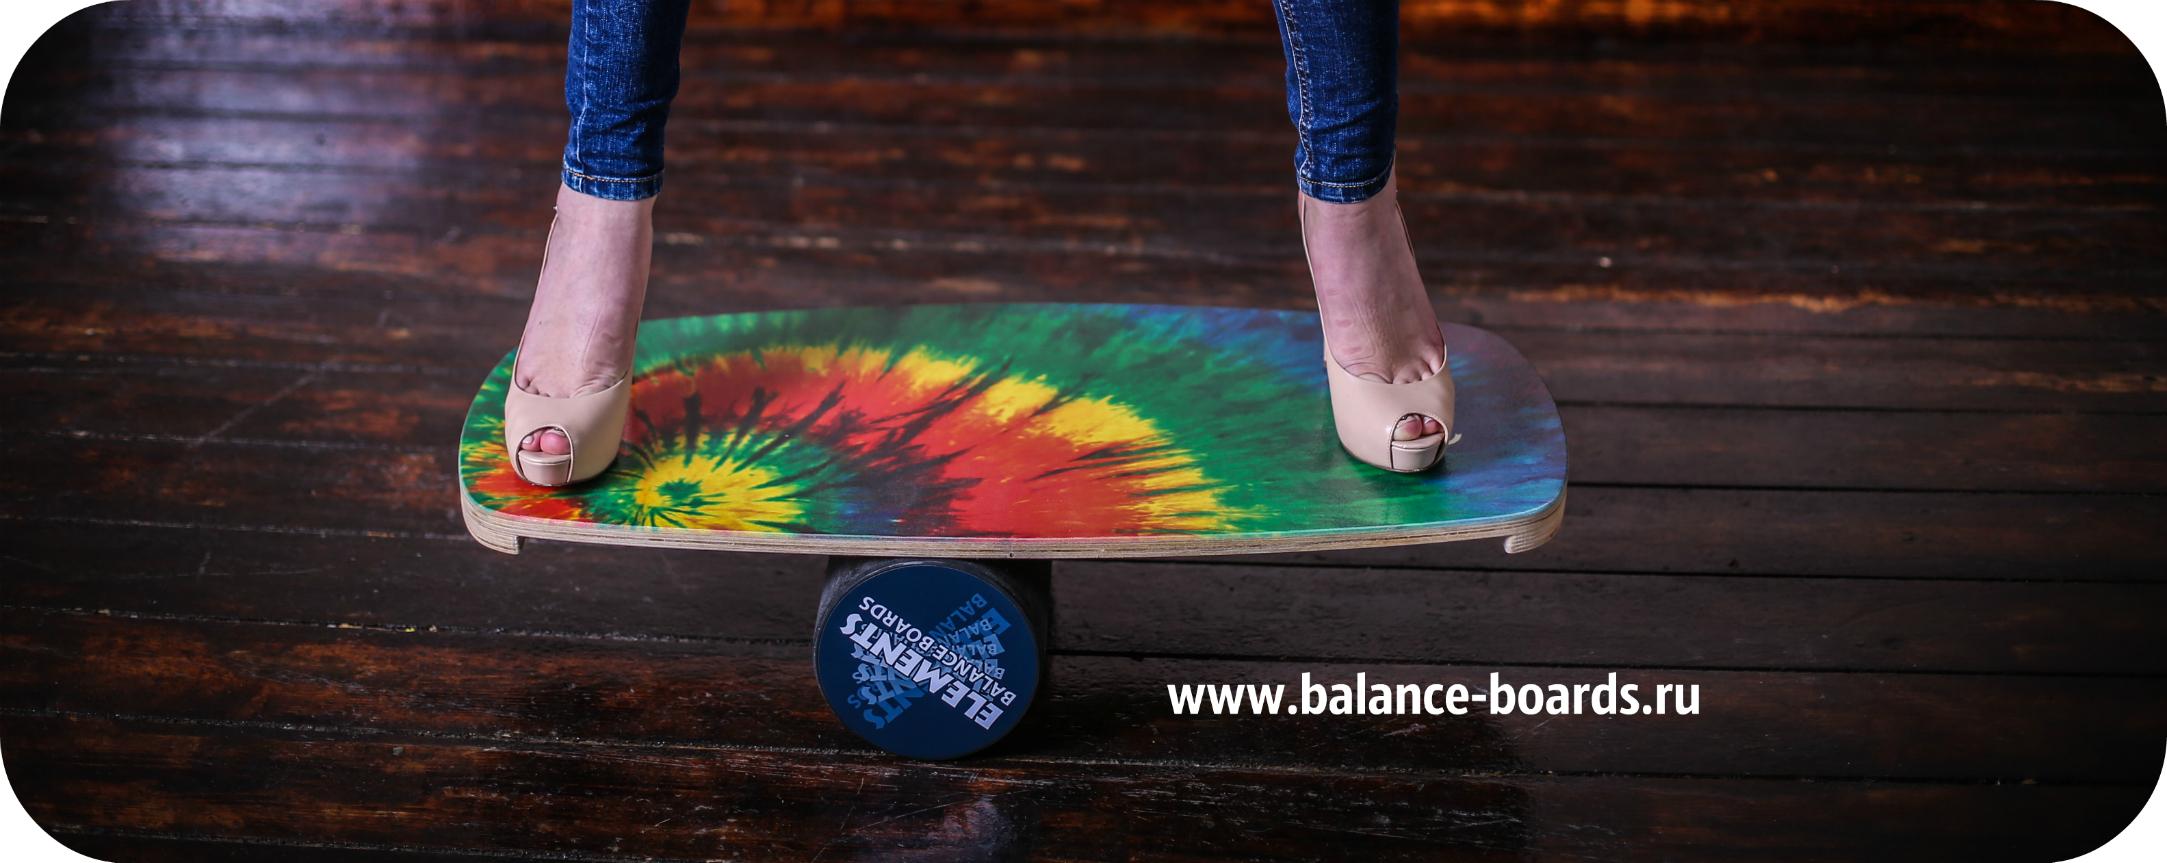 http://balance-boards.ru/images/upload/Тренажер%20для%20фигурного%20катания%20тренируйся%20дома.jpg